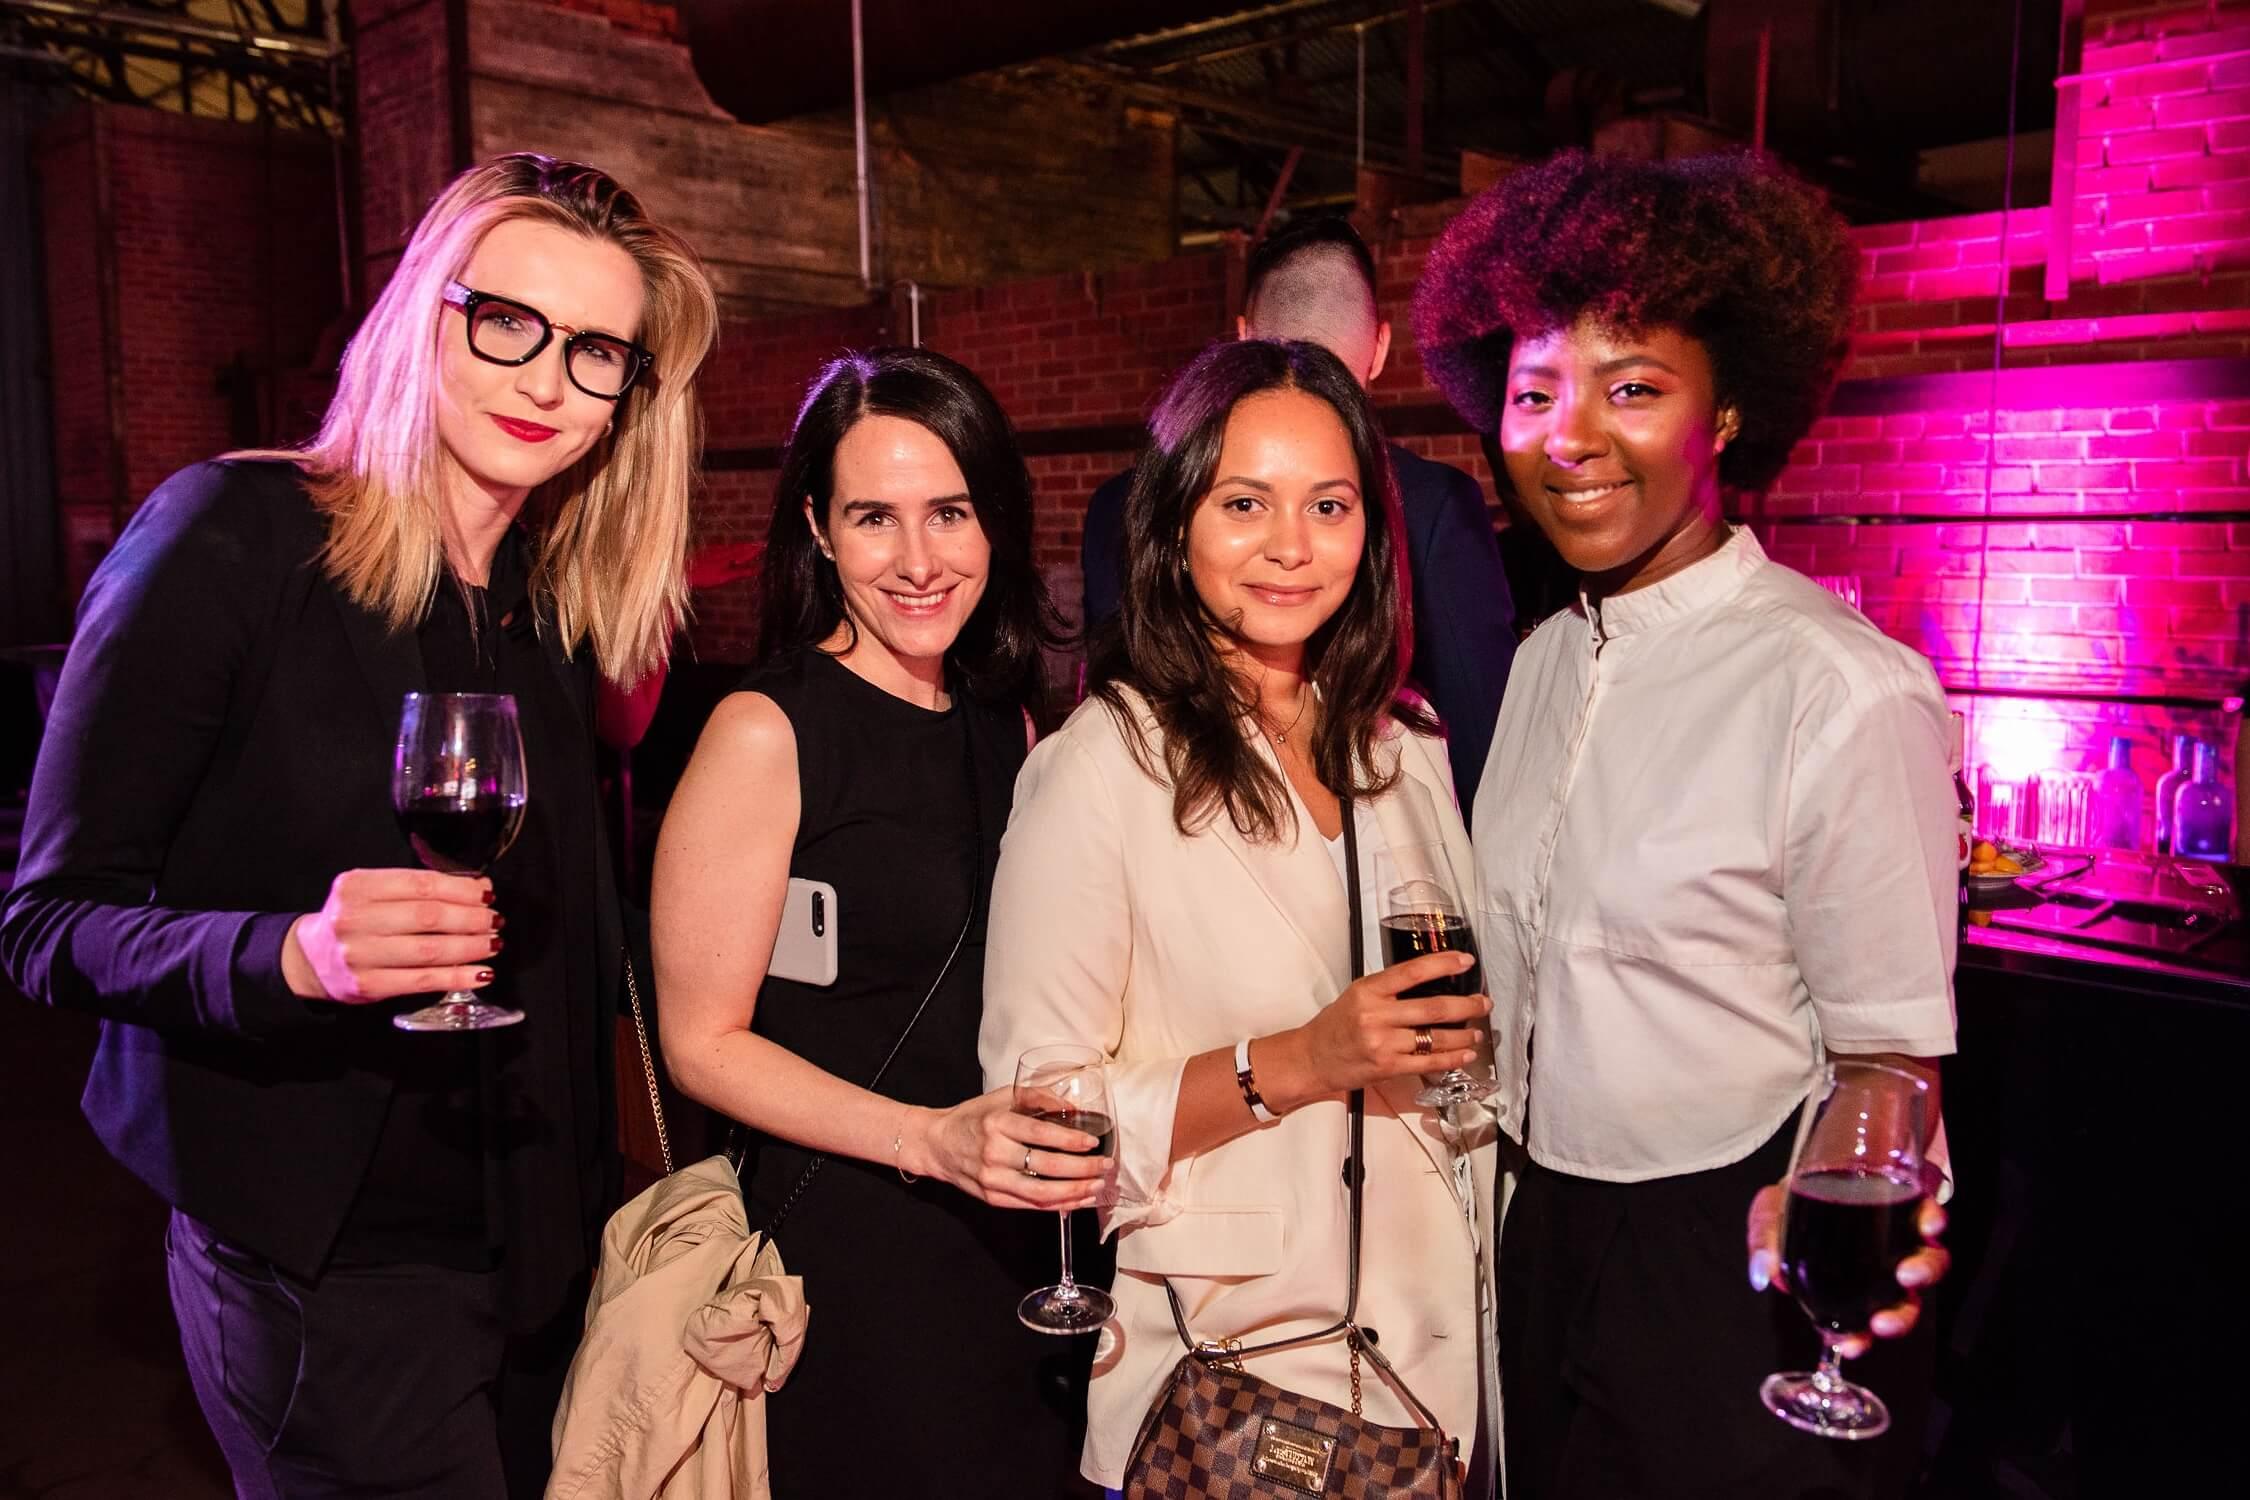 Gala guests Dana Bronikova, Dayna Fucarino, Yolanda Senik and Chinny S., AZ Awards 2019: Scenes from the Gala